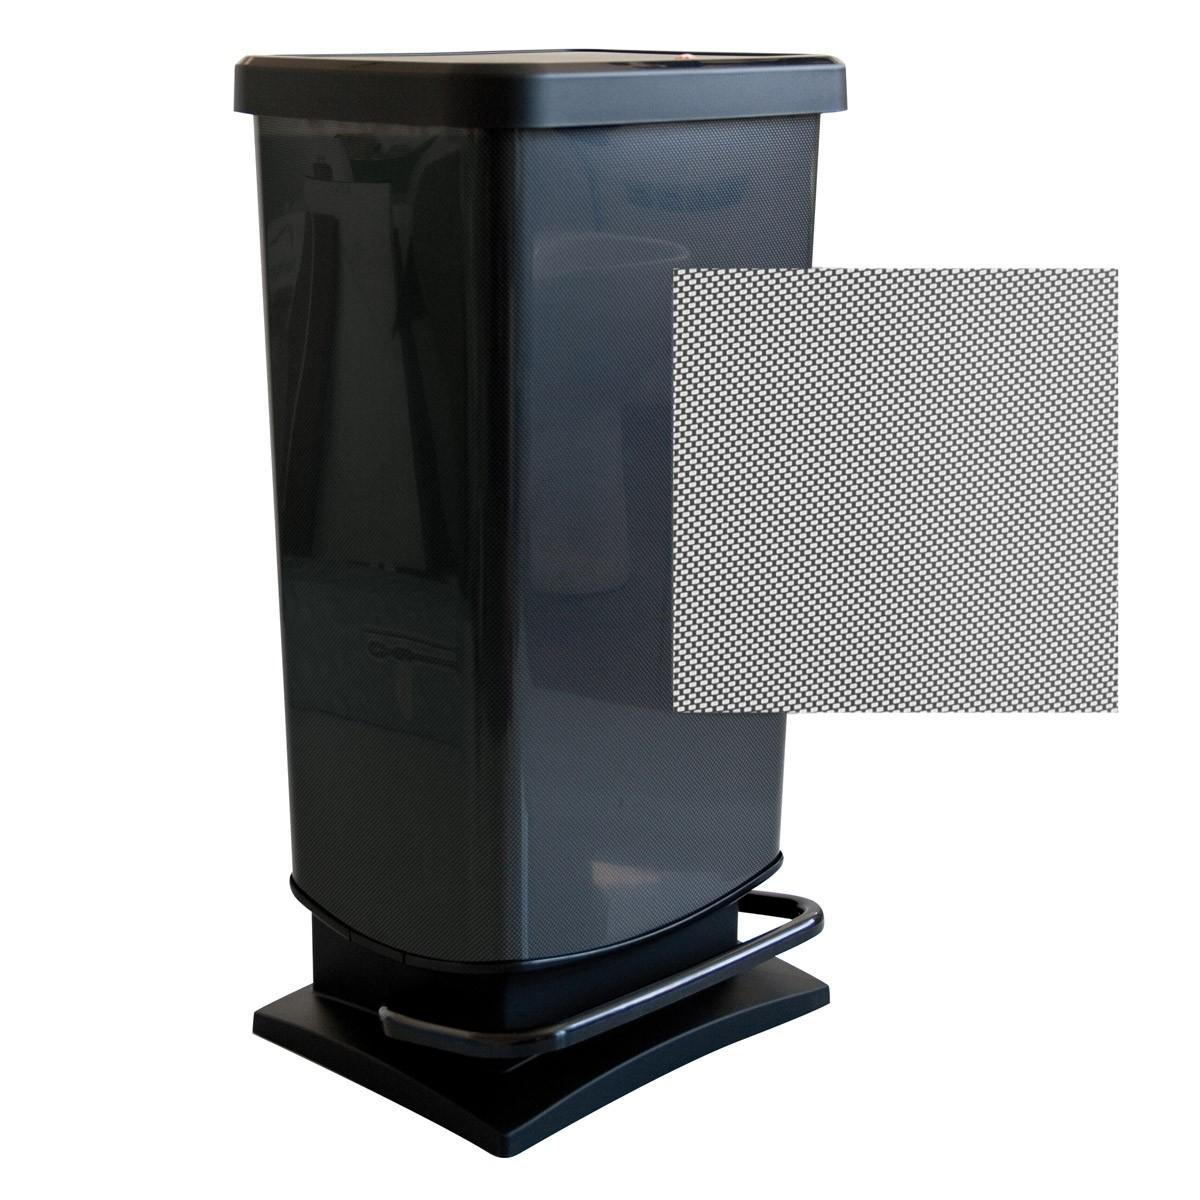 Κάδος Απορριμάτων Rotho 40Lit Paso 06904 Μαύρο home   κουζίνα   τραπεζαρία   κάδοι απορριμμάτων